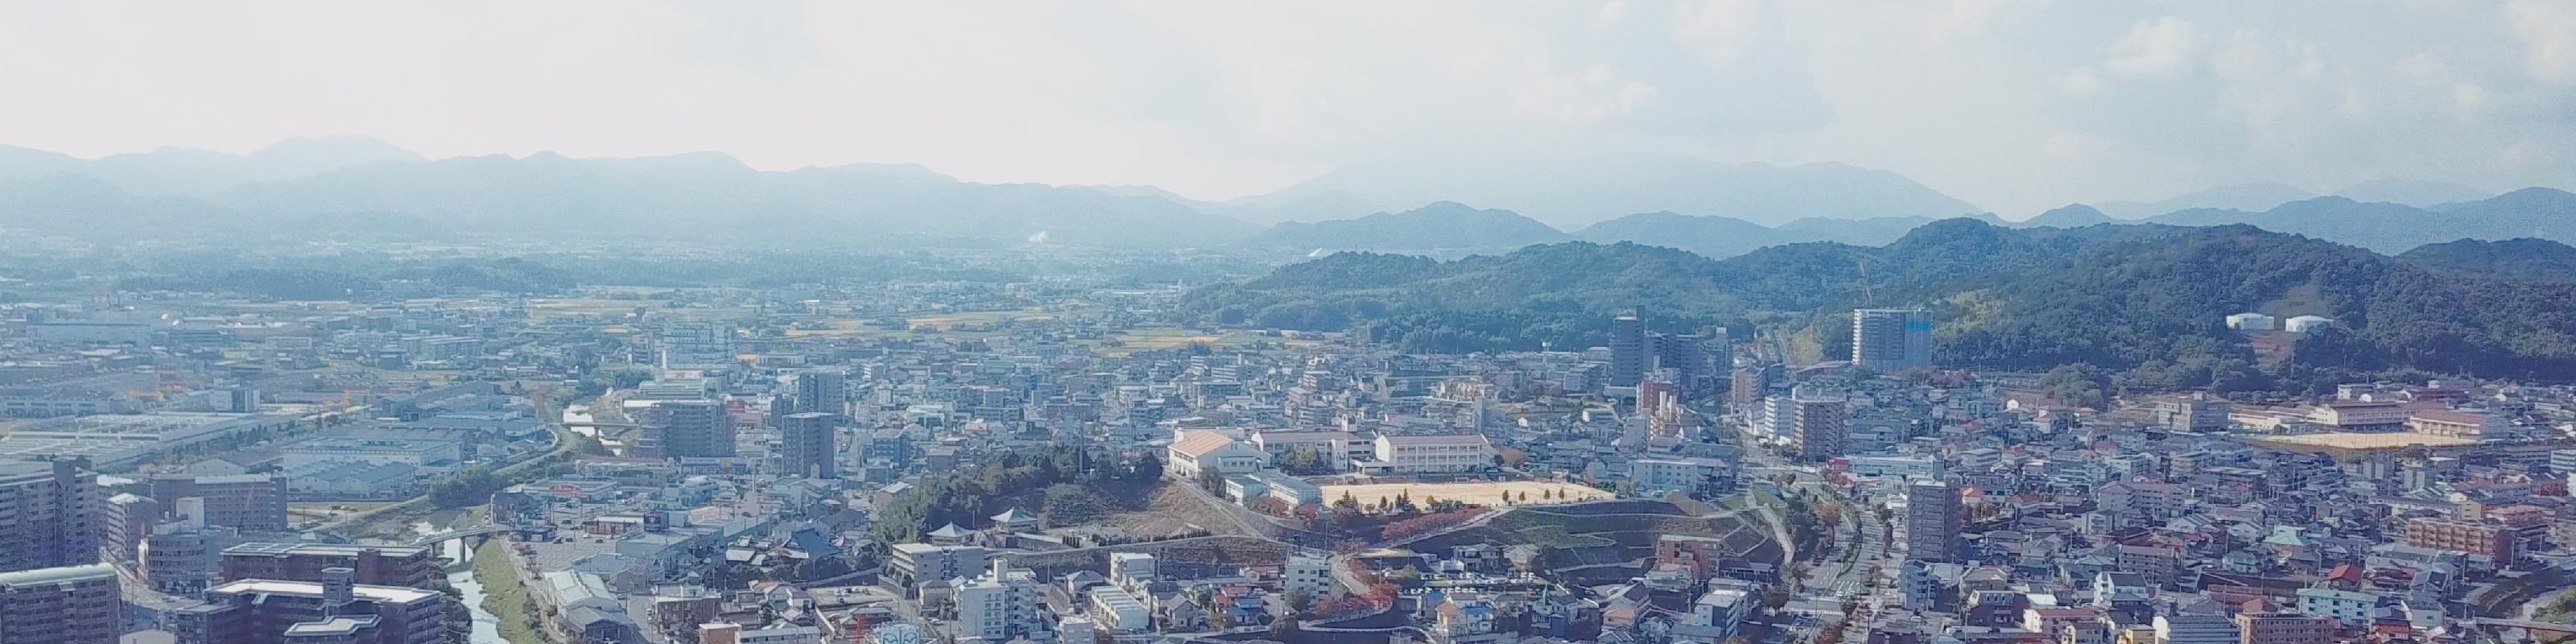 広島市風景